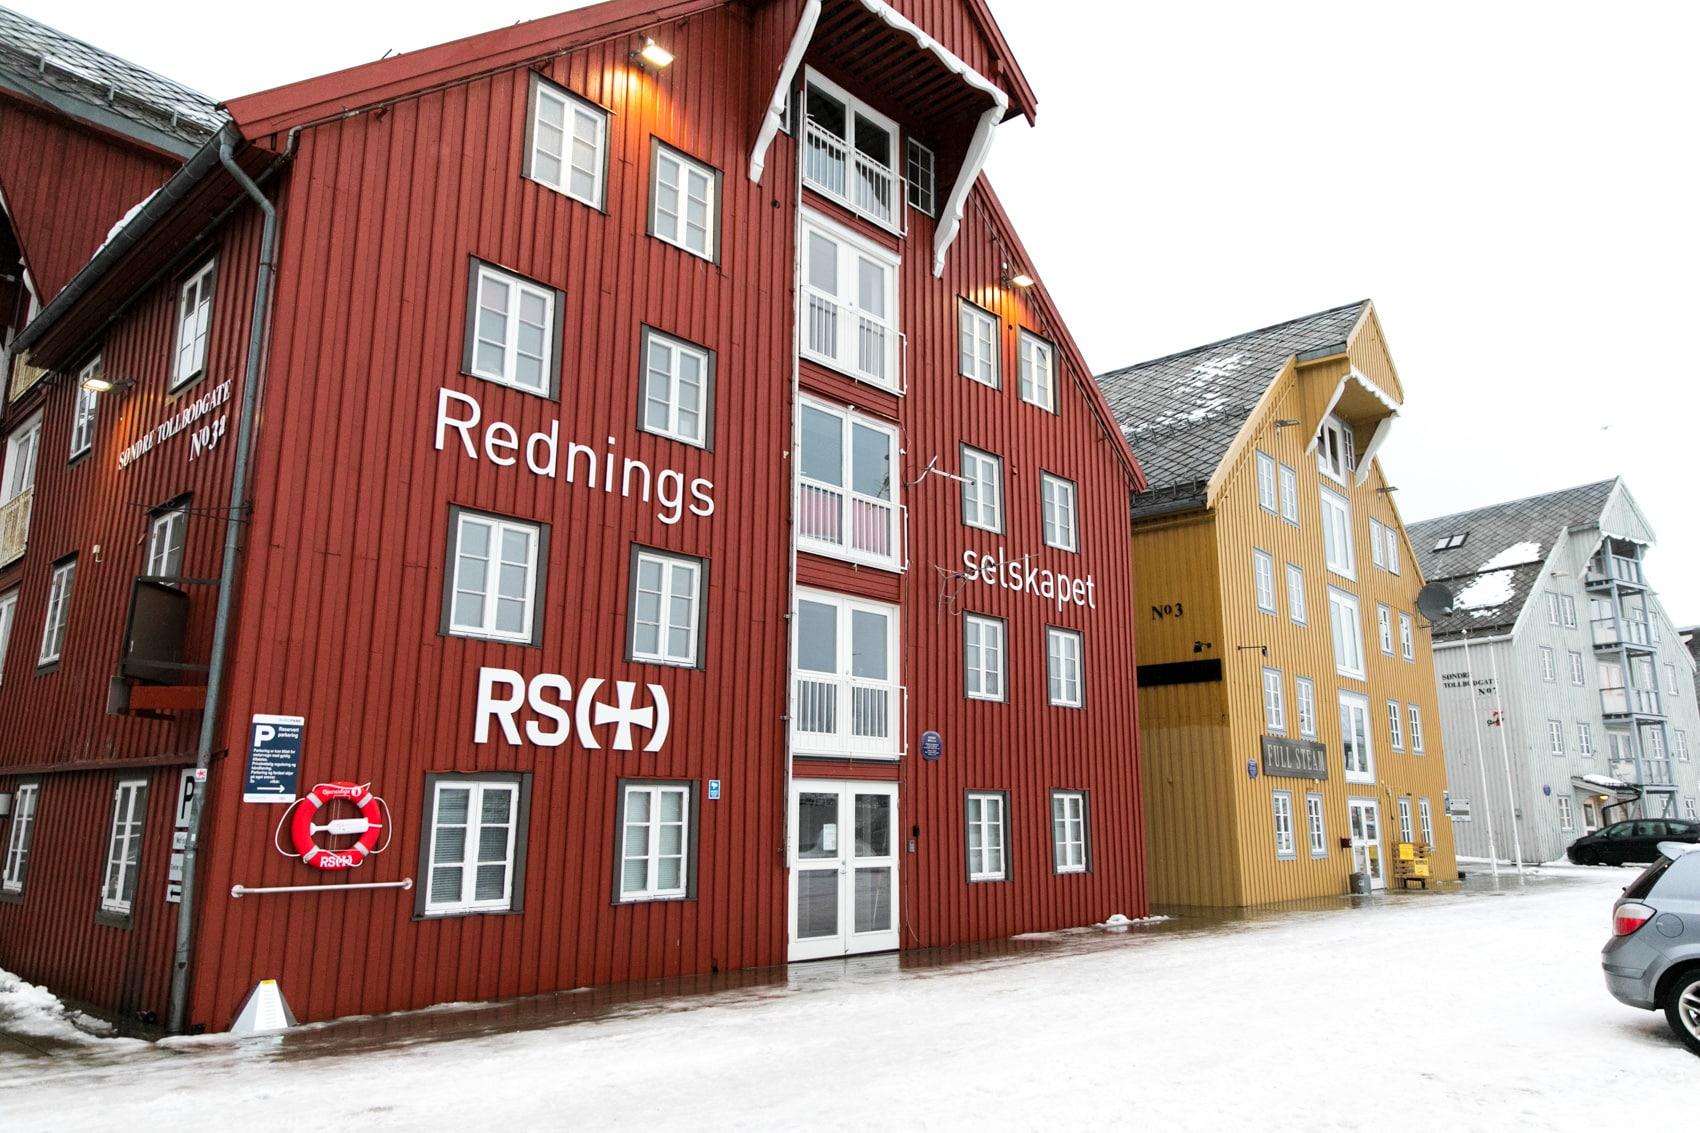 ID5A7379 - Bilan de nos 4 jours en Norvège